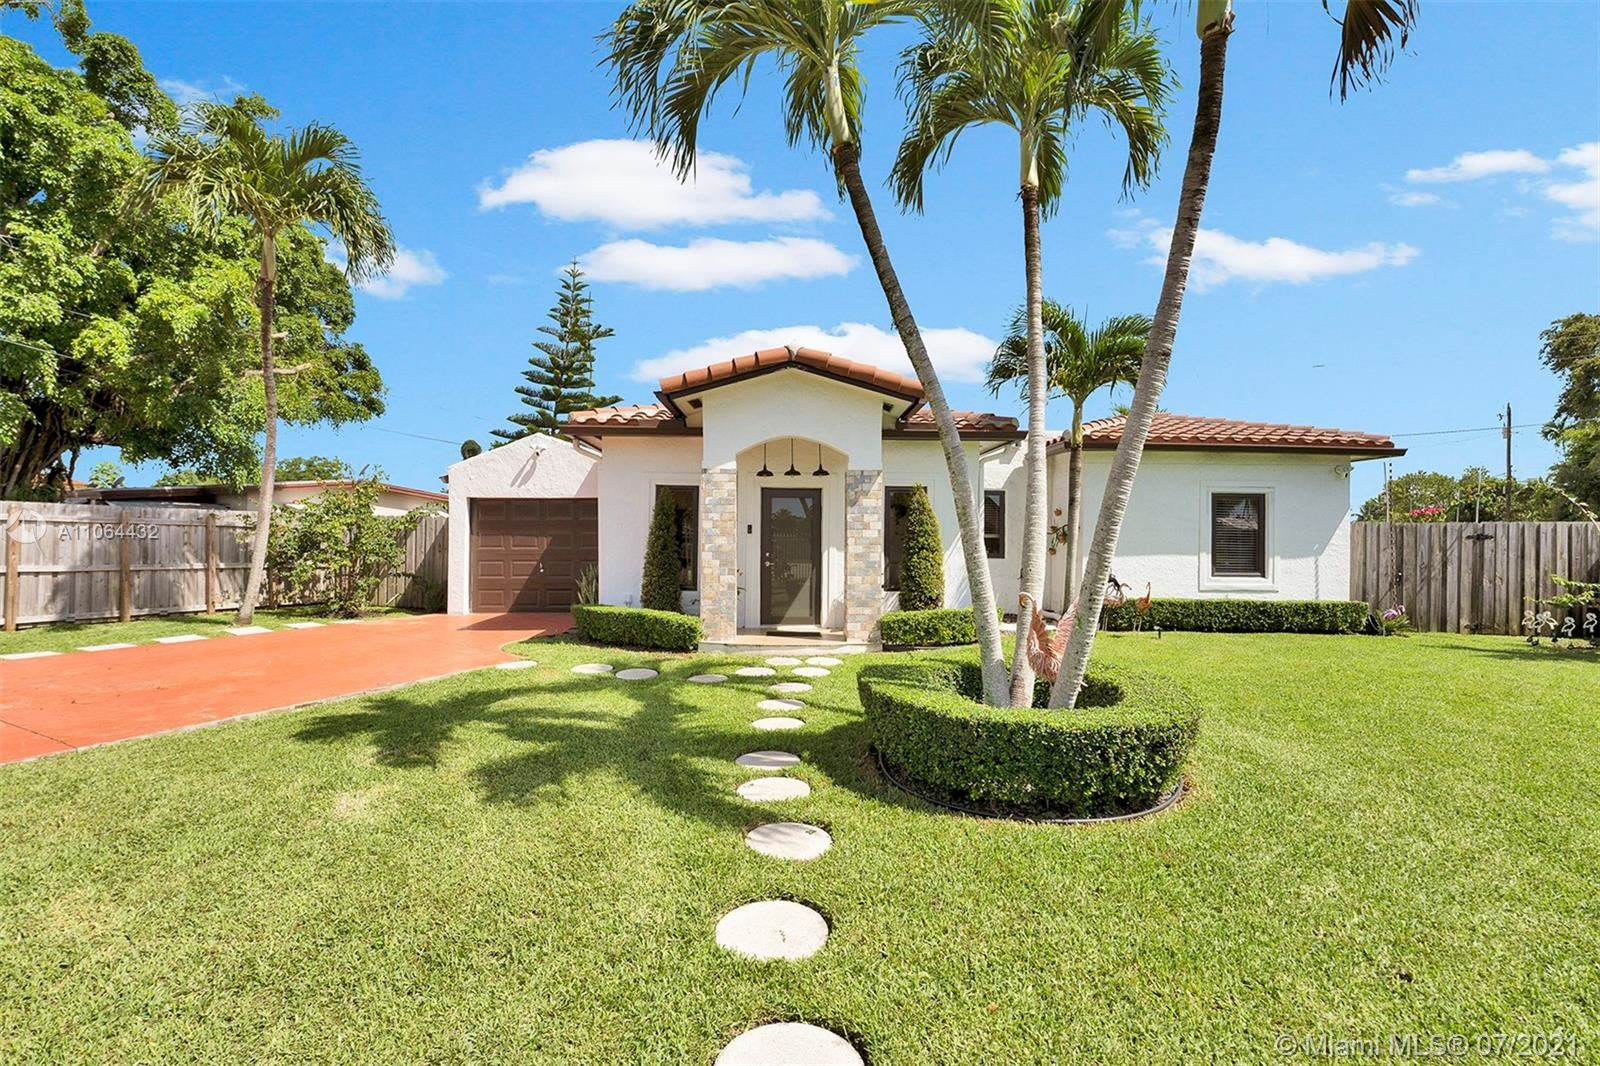 6501 SW 31st St, Miami, FL 33155 - #: A11064432